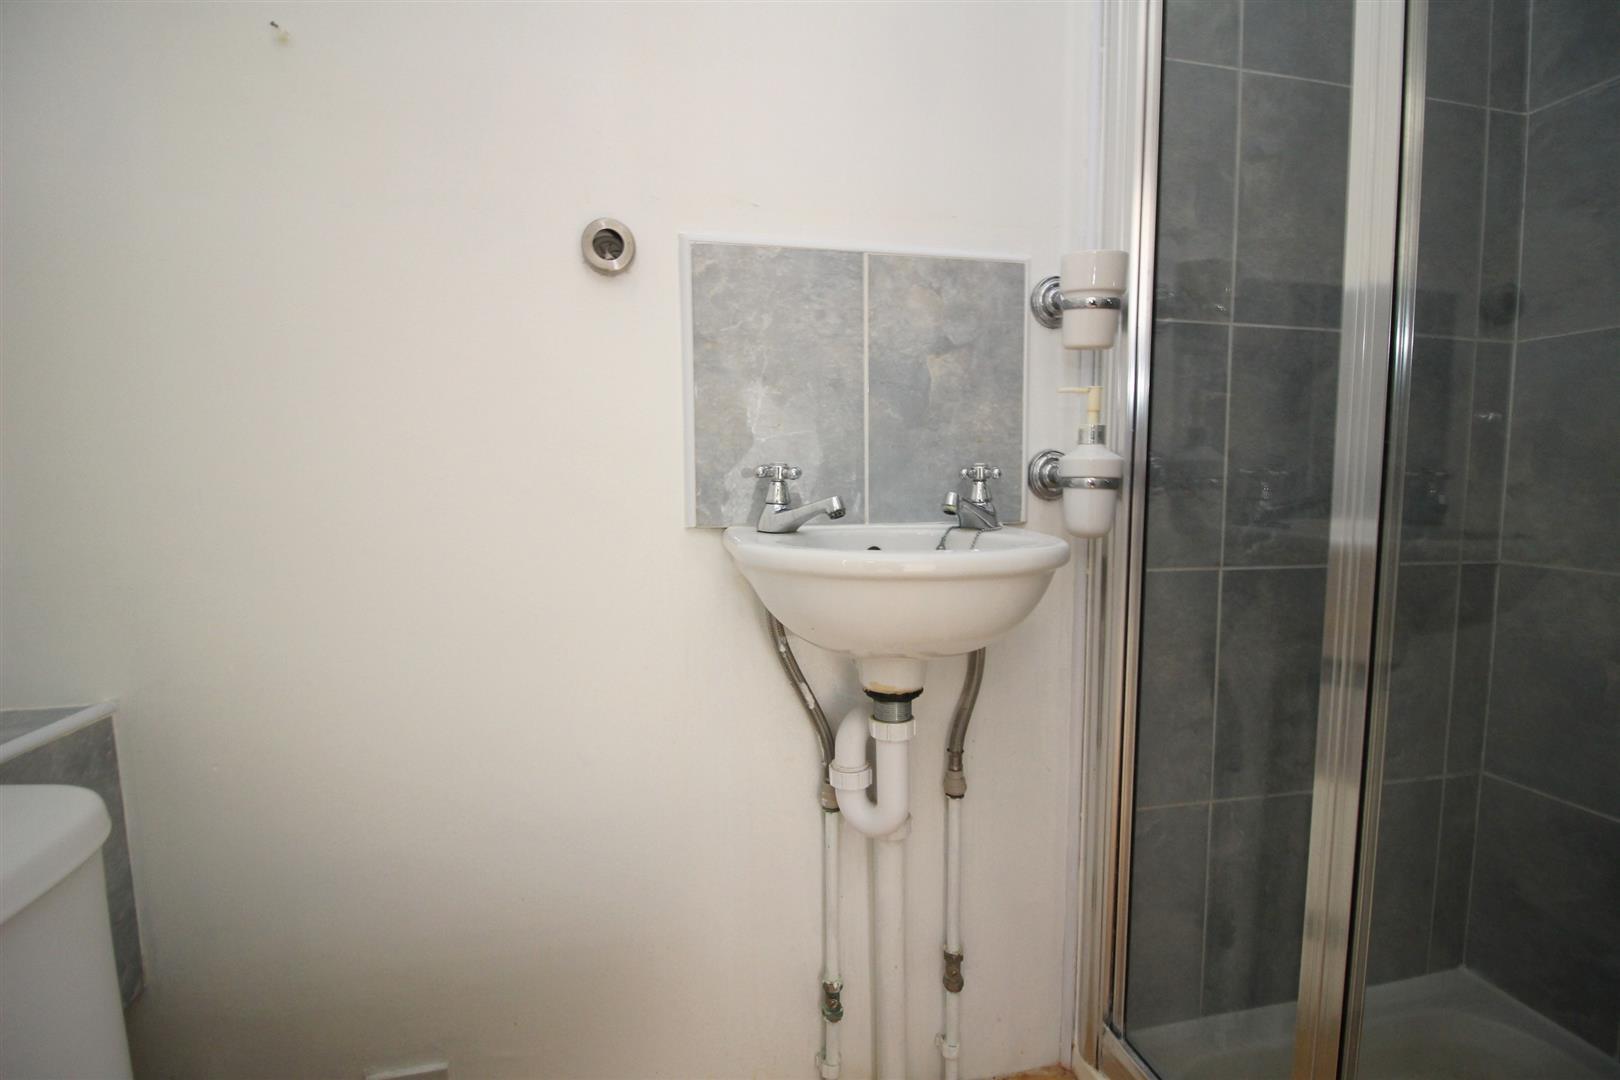 IMG_4322.JPG Shower.JPG